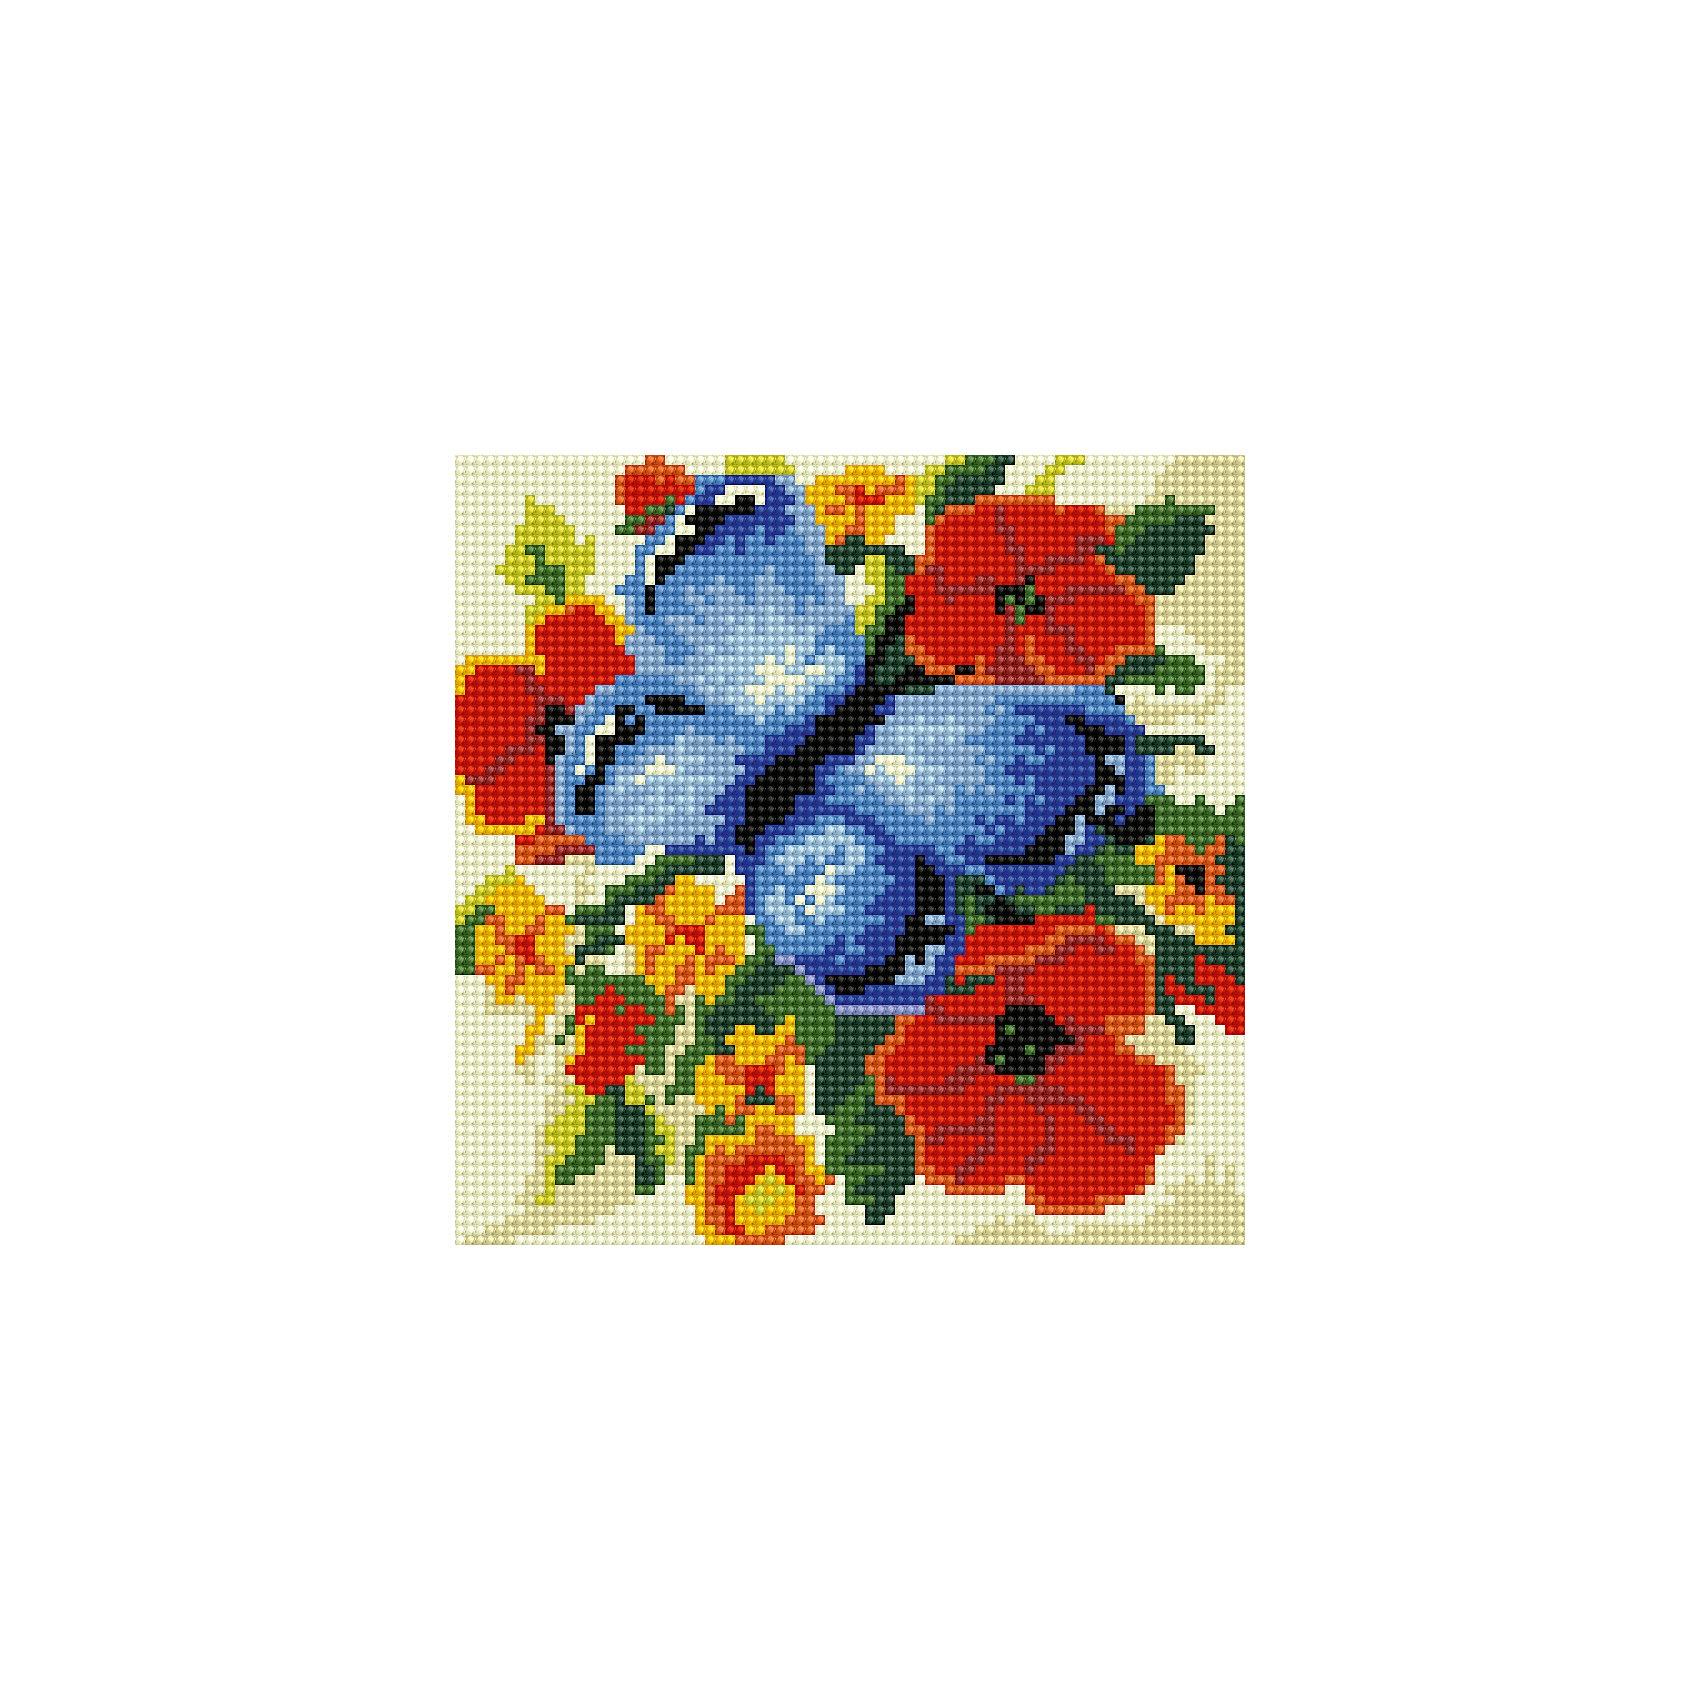 Алмазная мозаика по номерами Синяя бабочка 20*20 смАлмазная мозаика по номерами Синяя бабочка 20х20 см.<br><br>Характеристика:<br><br>• Материал: пластик, картон.  <br>• Размер упаковки: 22х22х3 см. <br>• Размер готовой картинки: 20х20 см. <br>• Комплектация: холст на подрамнике, искусственные камни, пинцет, пластмассовый лоток, пластмассовый карандаш для приклеивания, клей.<br>• Развивает мелкую моторику, внимание, усидчивость, цветовосприятие. <br><br>Набор для творчества Алмазная мозаика по номерам - отличный подарок на любой праздник, он обязательно понравится детям и поможет развить мелкую моторику, внимание, фантазию и мышление. С этим замечательным набором ваш ребенок сможет собрать яркую переливающуюся картинку, которая украсит стену в детской или же станет прекрасным памятным сувениром, сделанным своими руками. Нужно лишь наклеить цветные камушки на картонную основу с уже нанесенным контурным рисунком - и маленький шедевр готов!  <br><br>Алмазную мозаику по номерами Синяя бабочка 20х20 см, можно купить в нашем интернет-магазине.<br><br>Ширина мм: 220<br>Глубина мм: 220<br>Высота мм: 30<br>Вес г: 900<br>Возраст от месяцев: 96<br>Возраст до месяцев: 2147483647<br>Пол: Женский<br>Возраст: Детский<br>SKU: 5217175